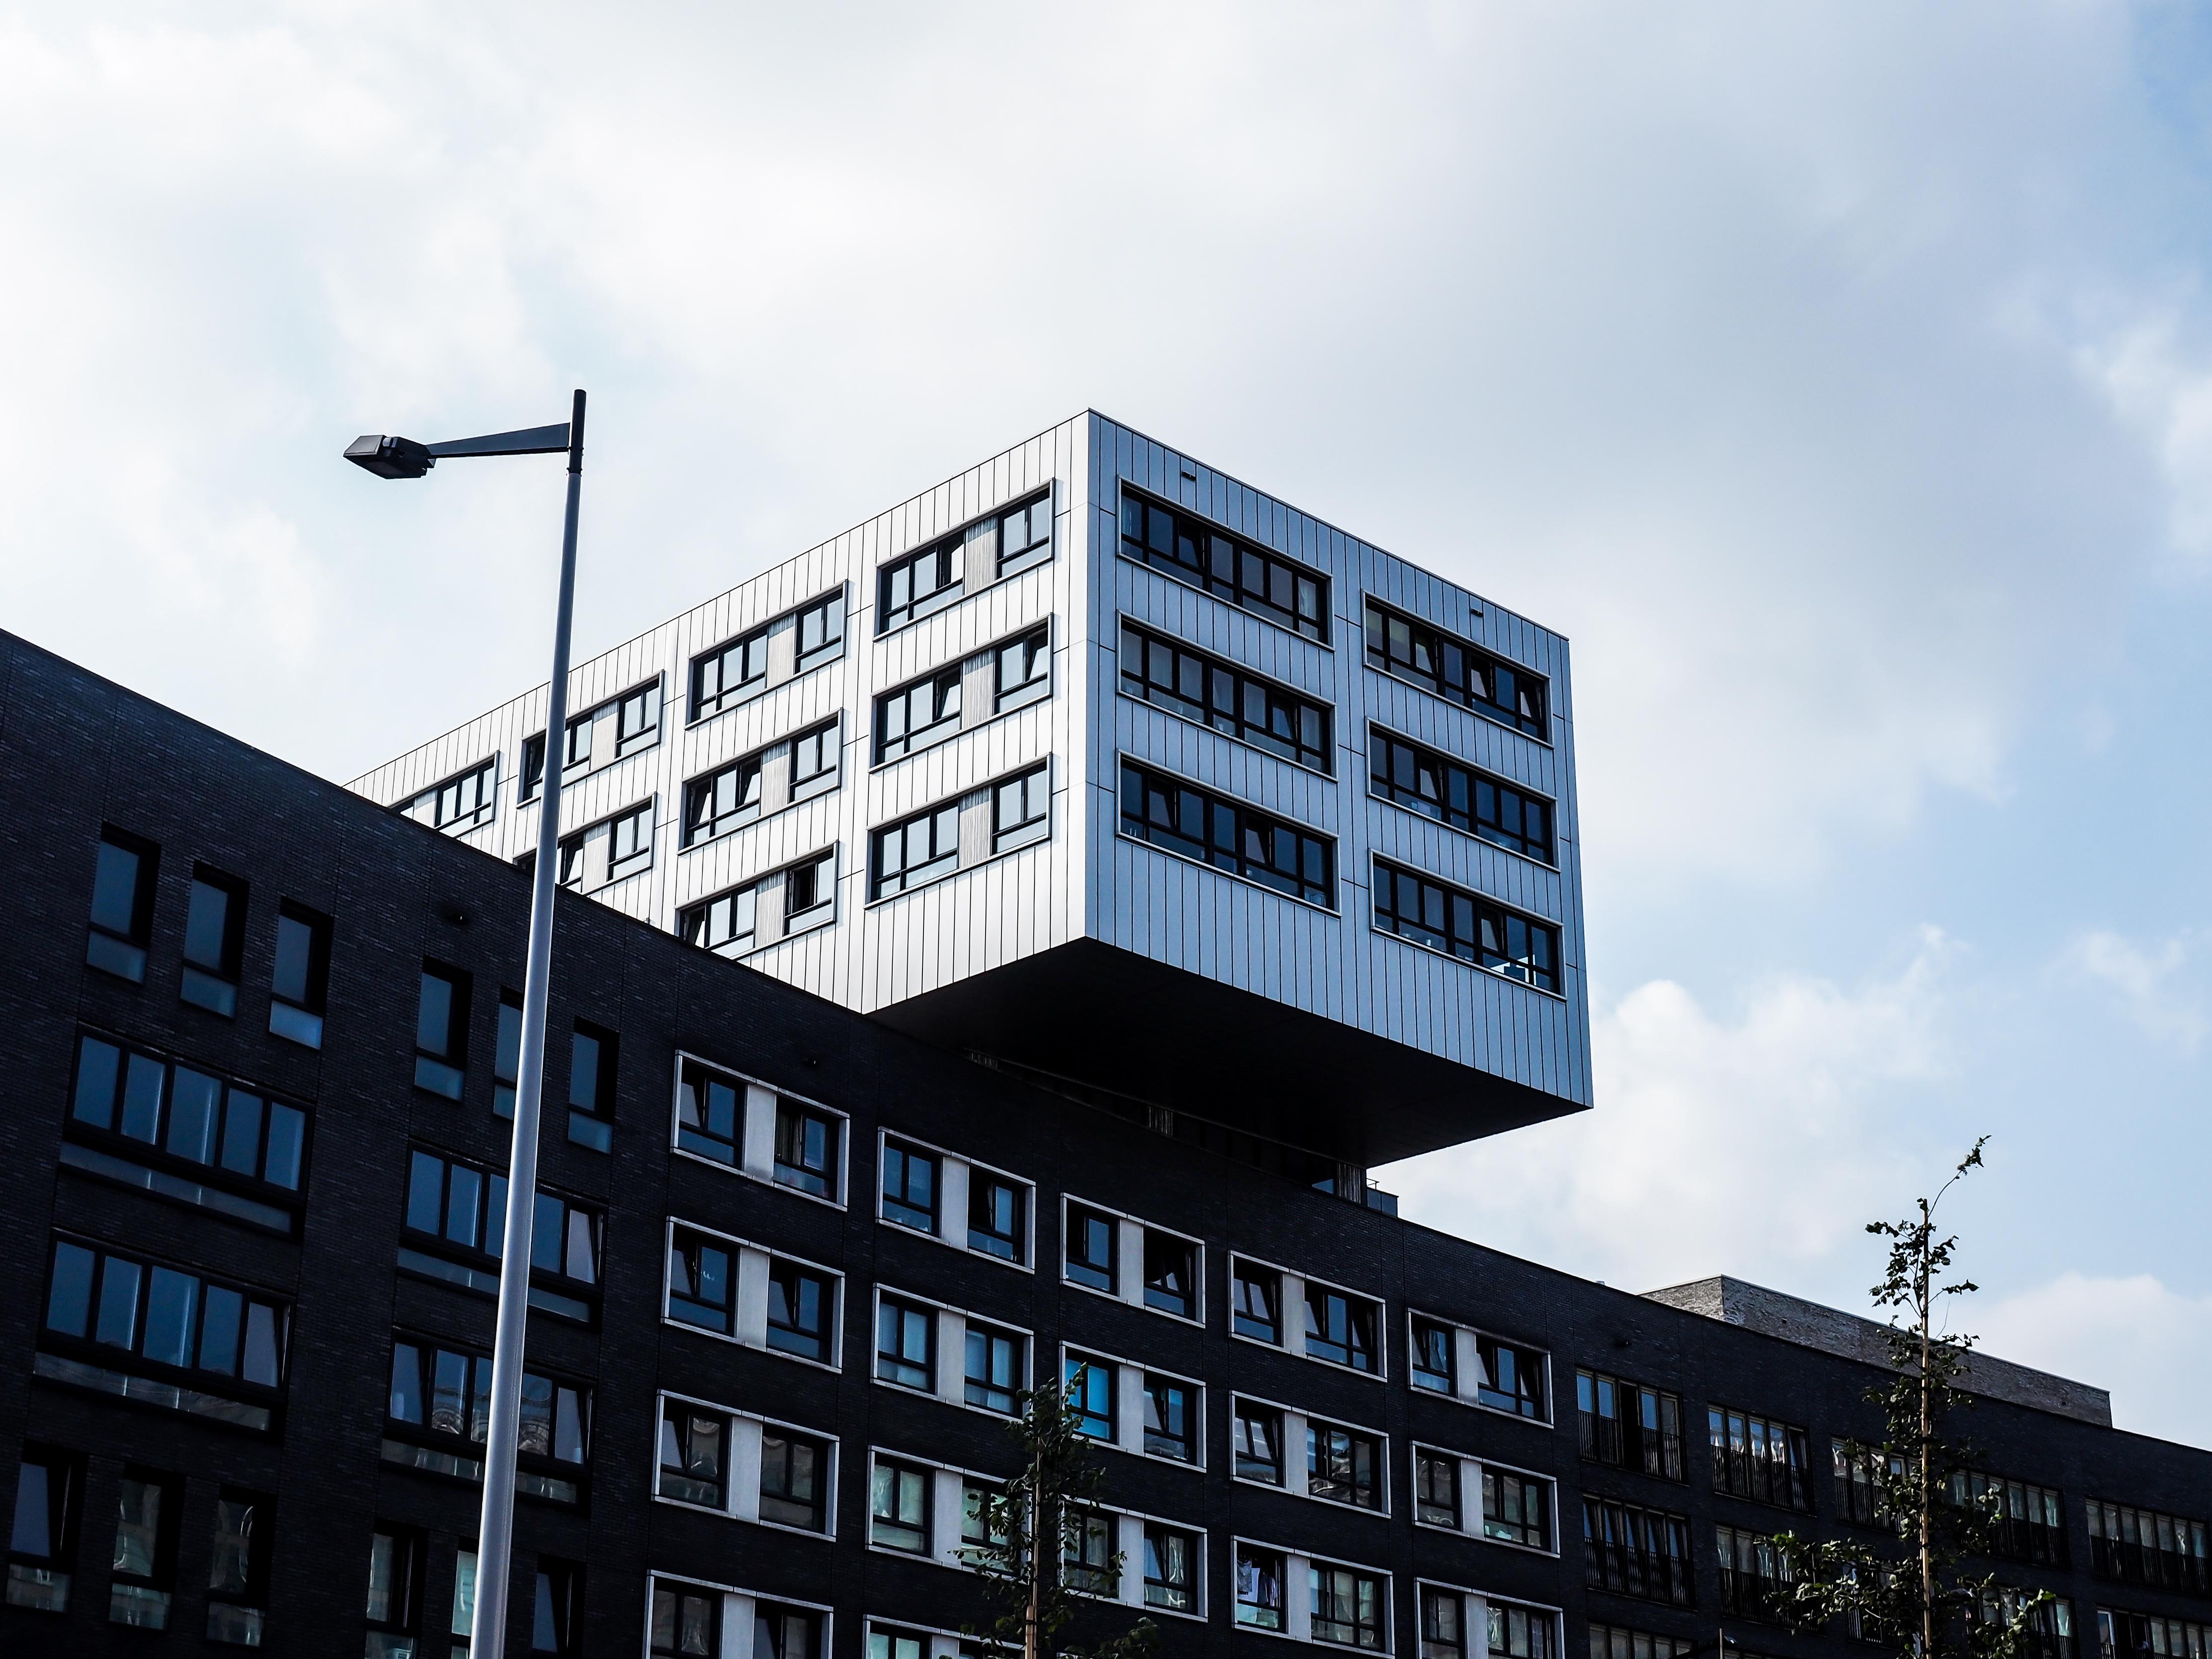 Urban_Architektur-22